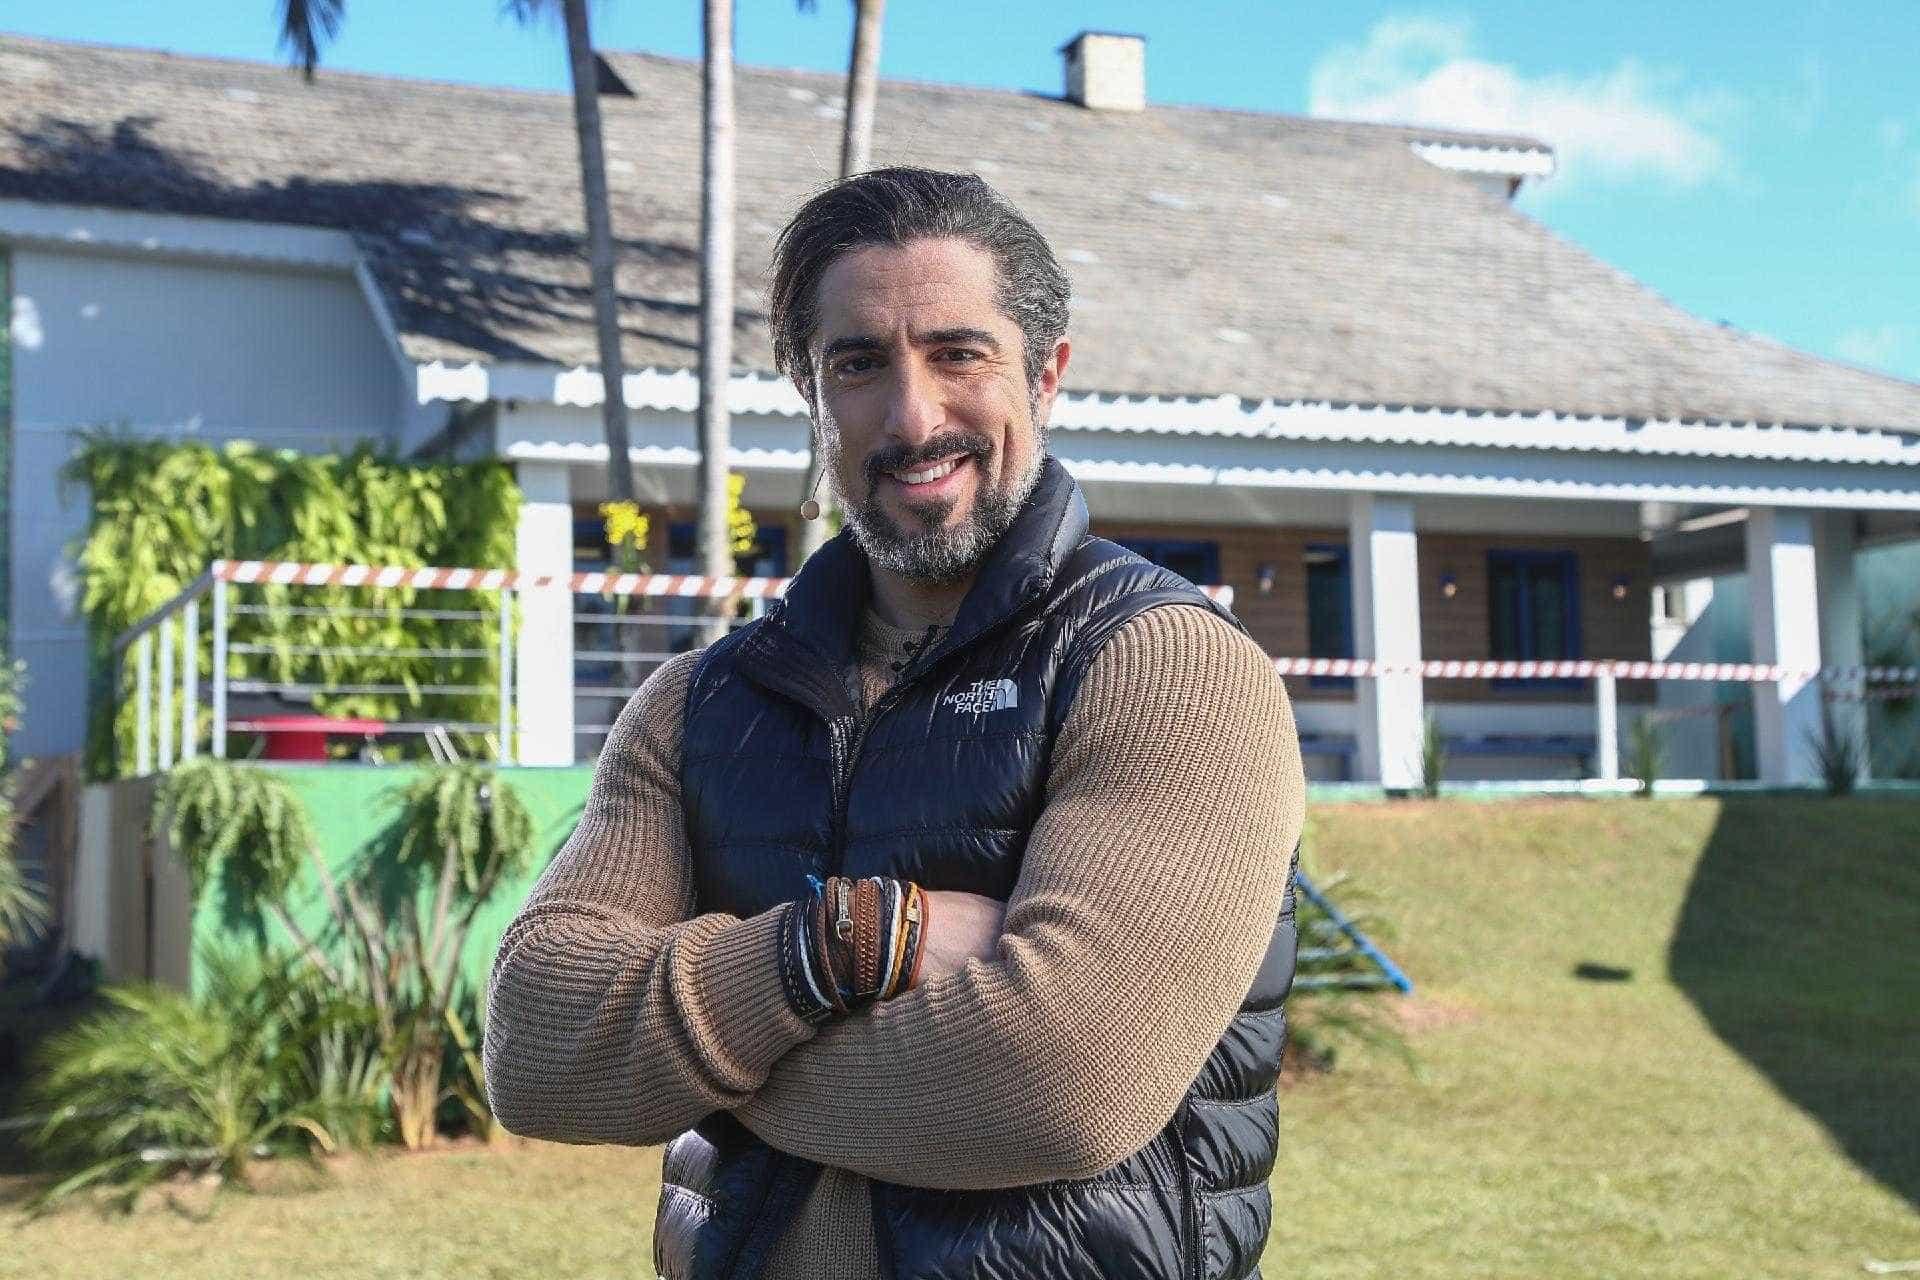 Mion diz que sempre quis Rafael Ilha em 'A Fazenda'